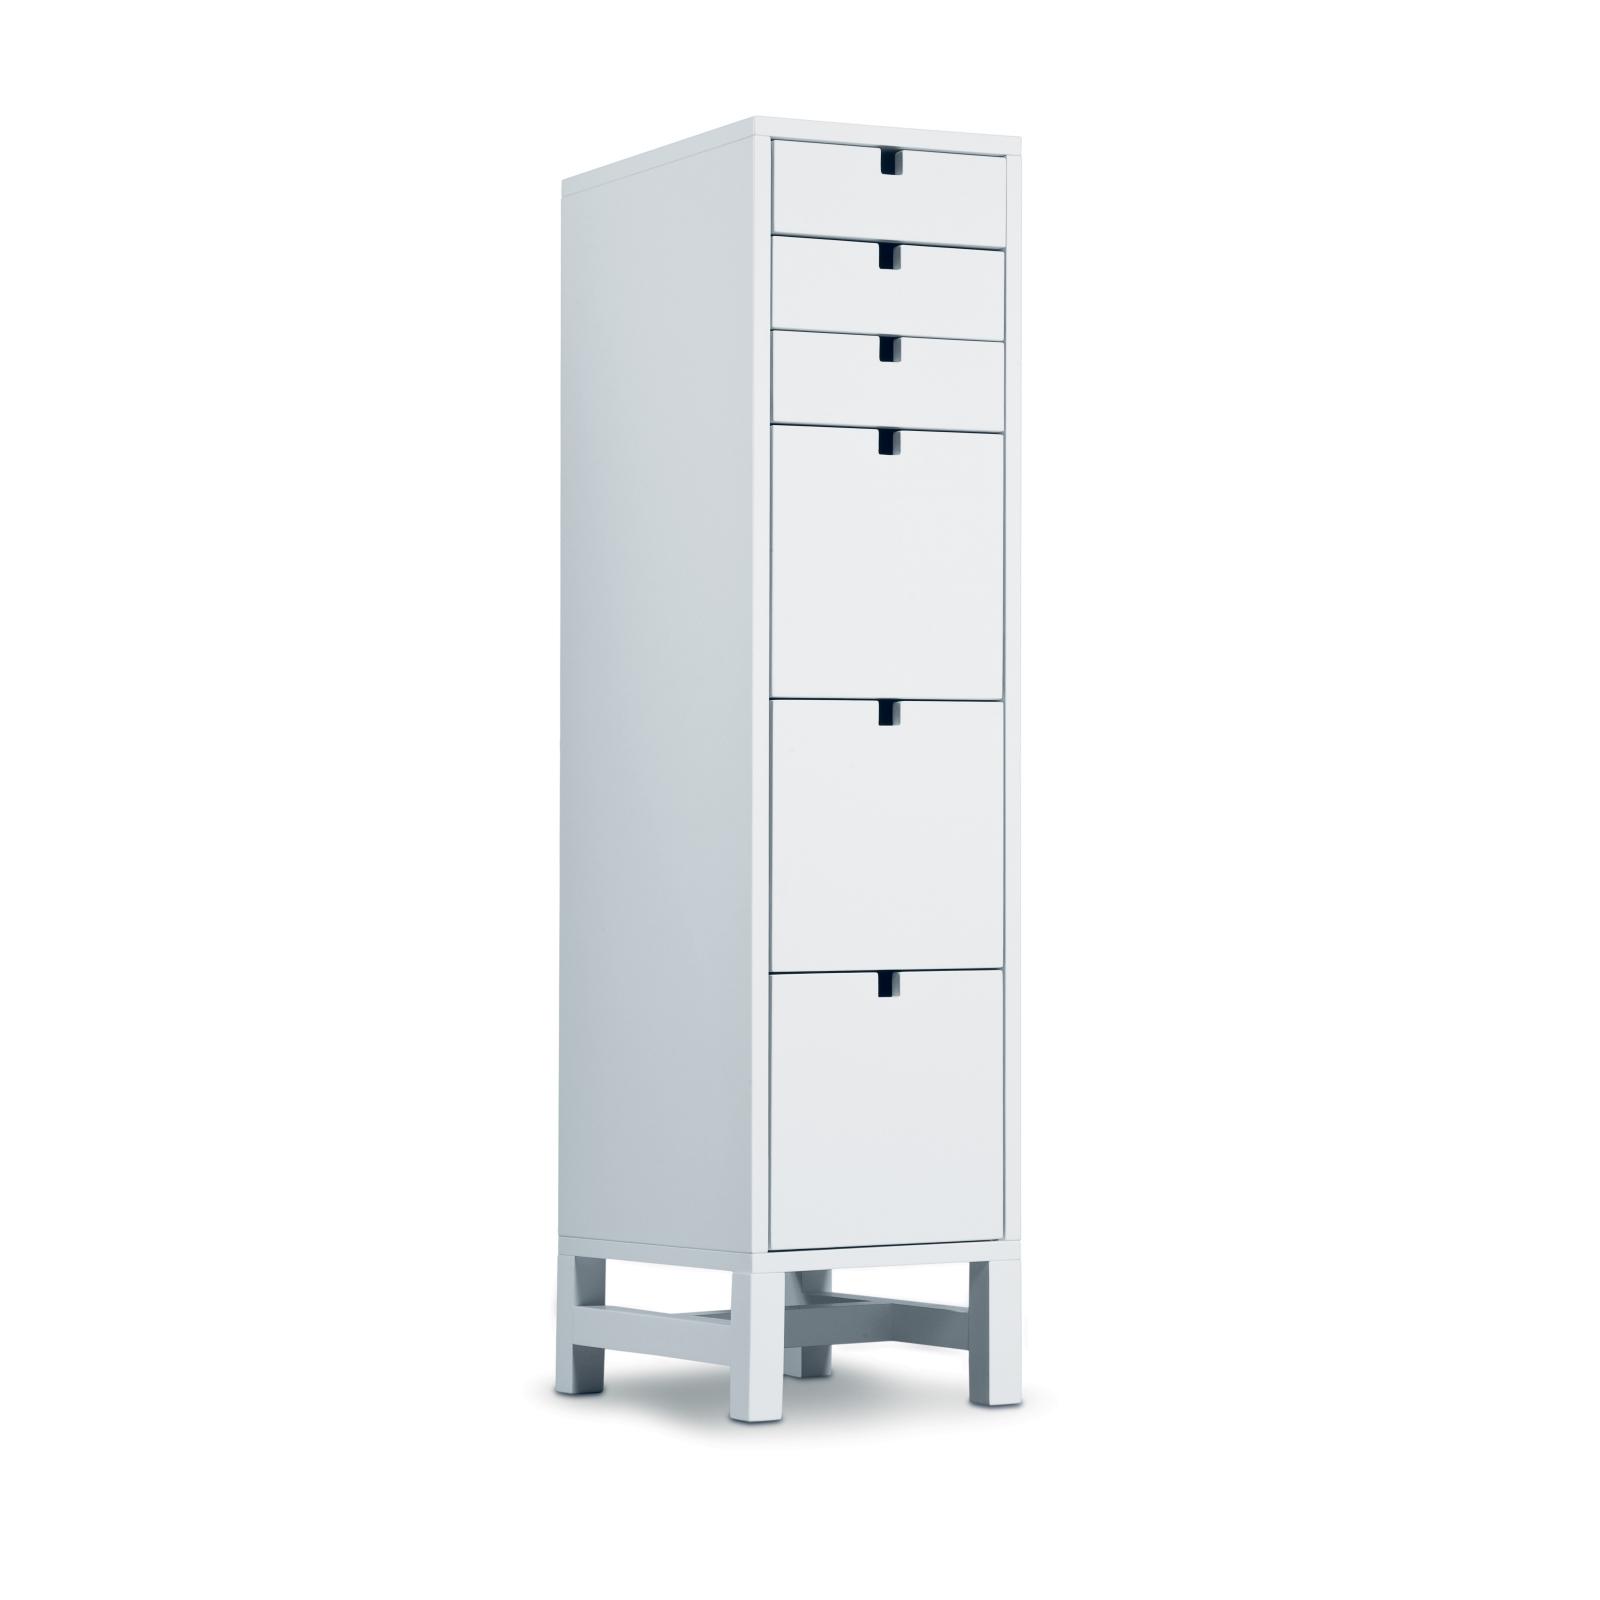 Falsterbo hög byrå 6 lådor, Mavis